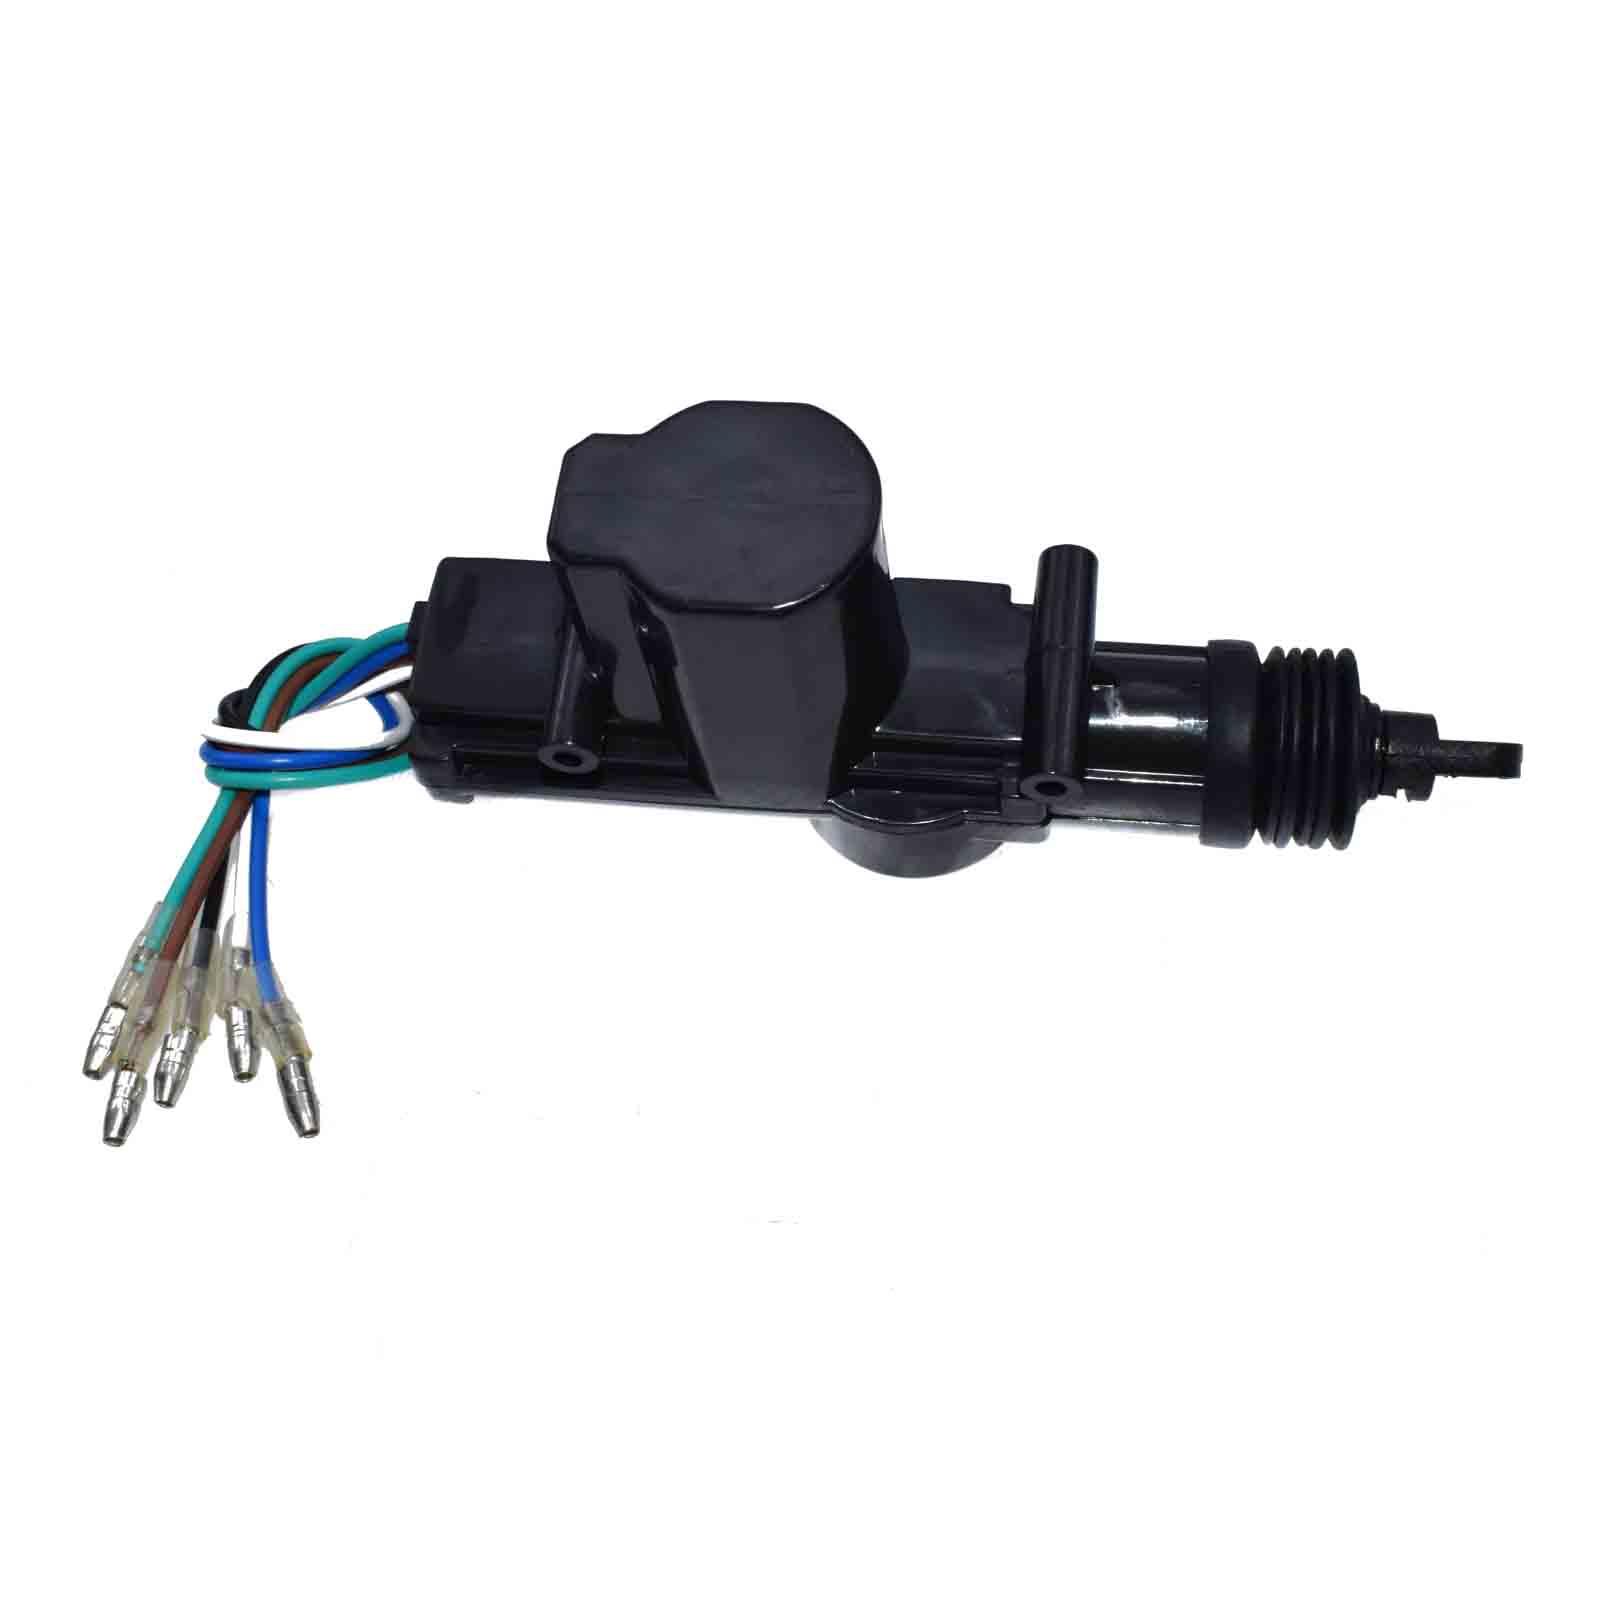 ISANCE универсальный надежный дверной замок привод 12V 5 провод регулировки 360 градусов